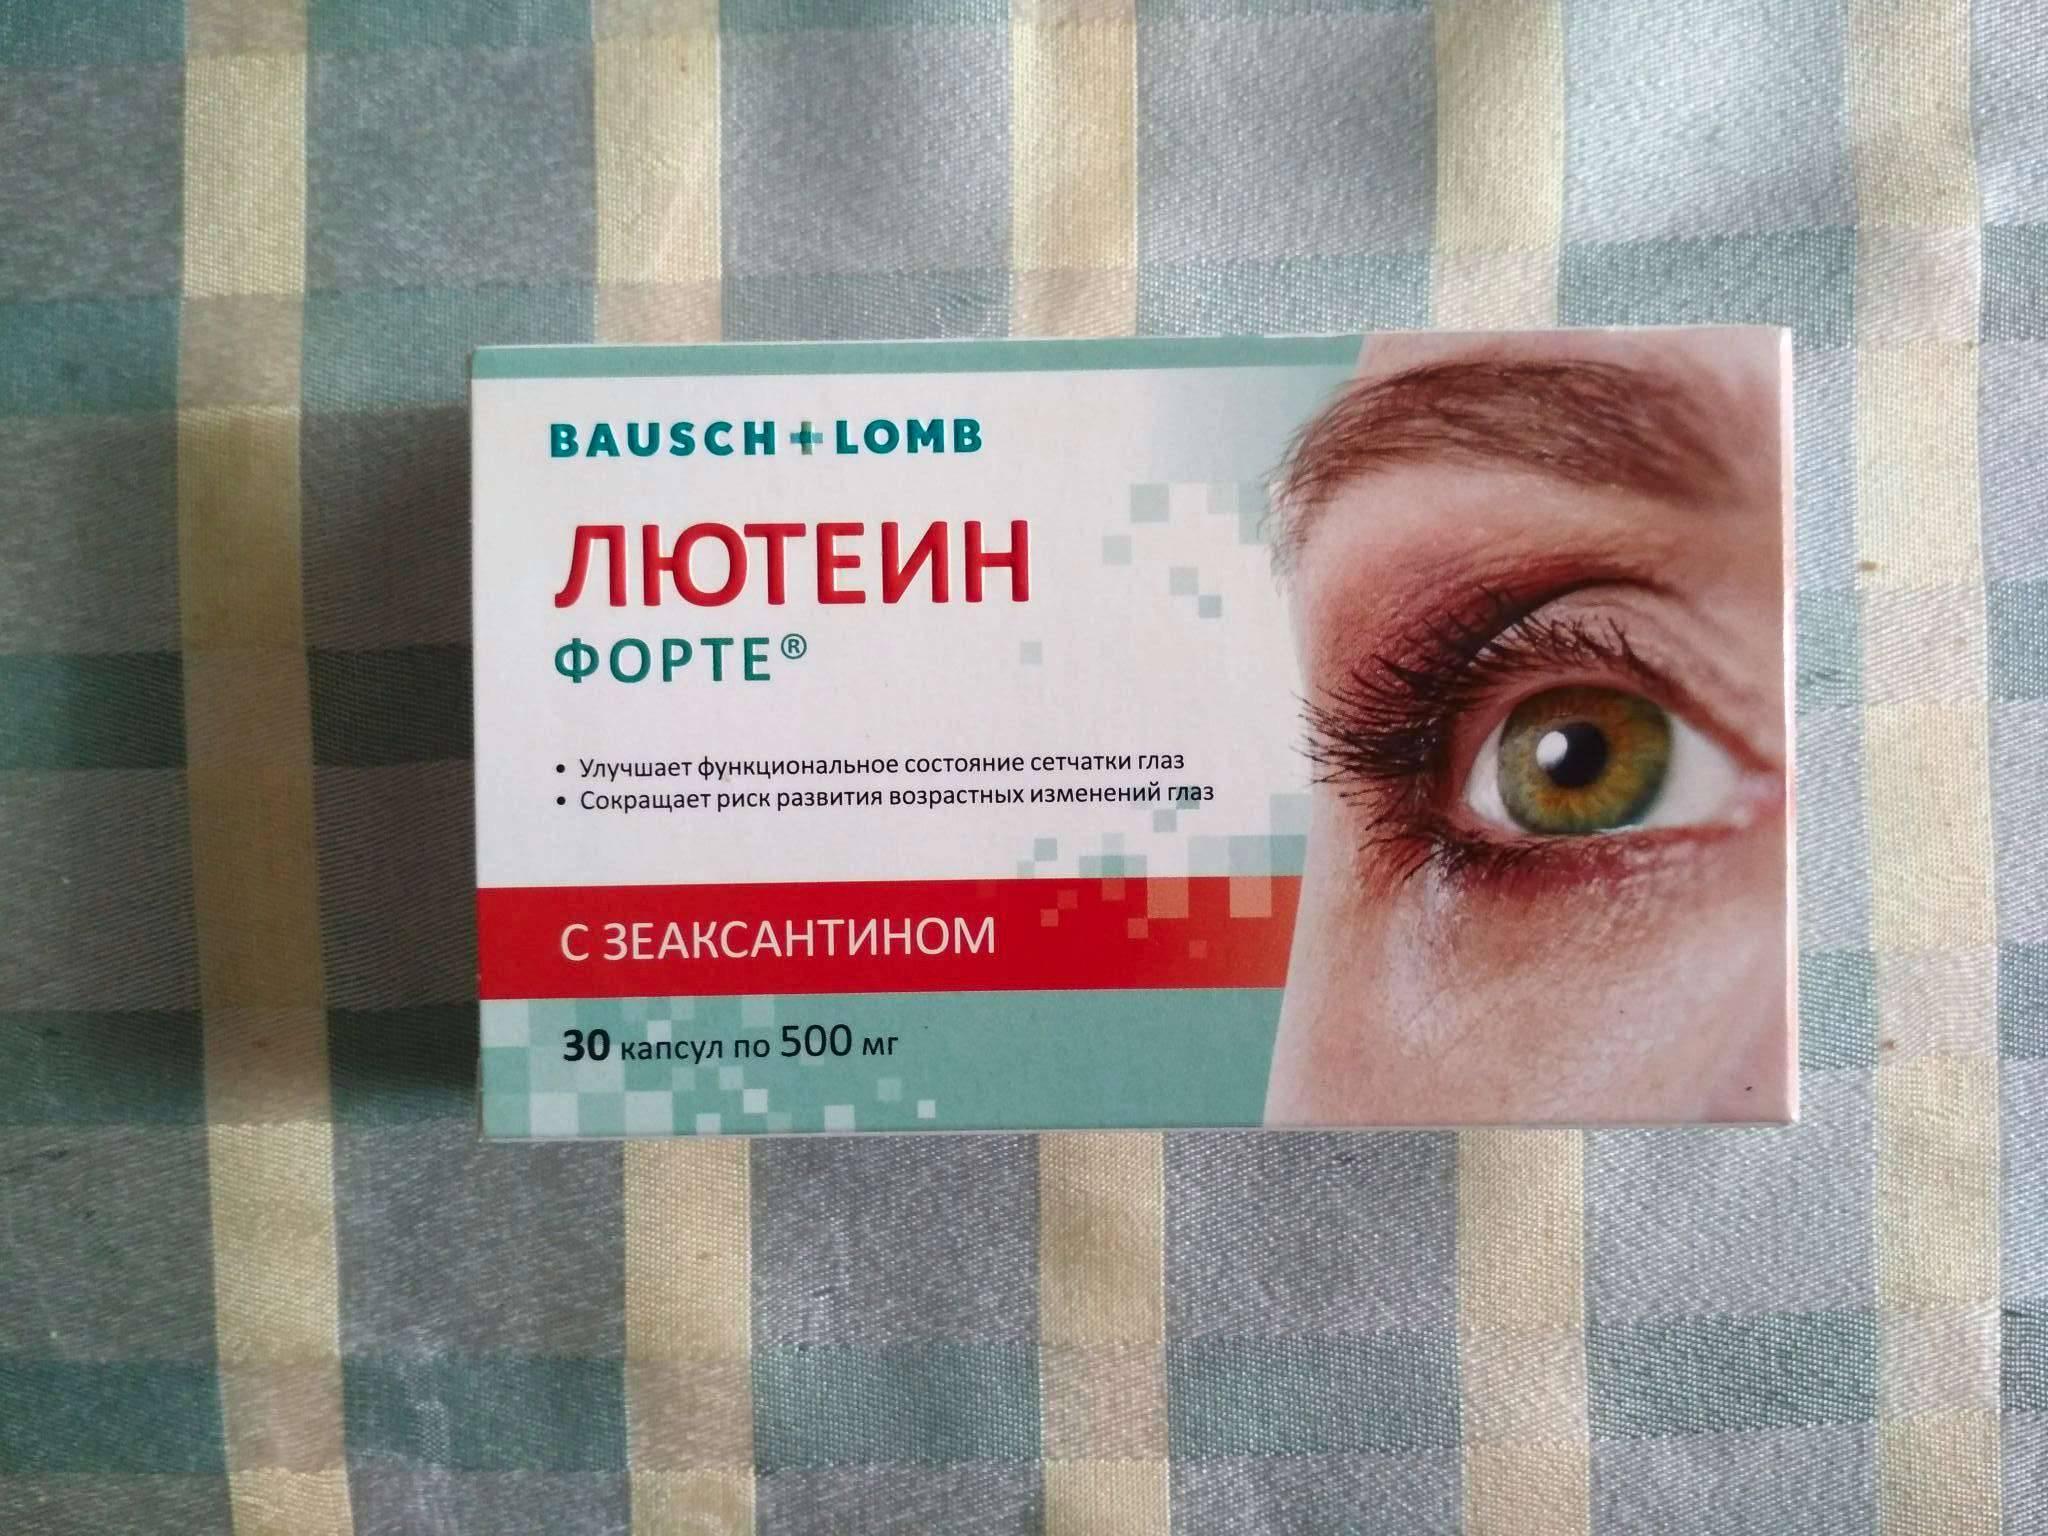 """Витаминный комплекс """"лютеин форте витамины для глаз витамир®"""""""